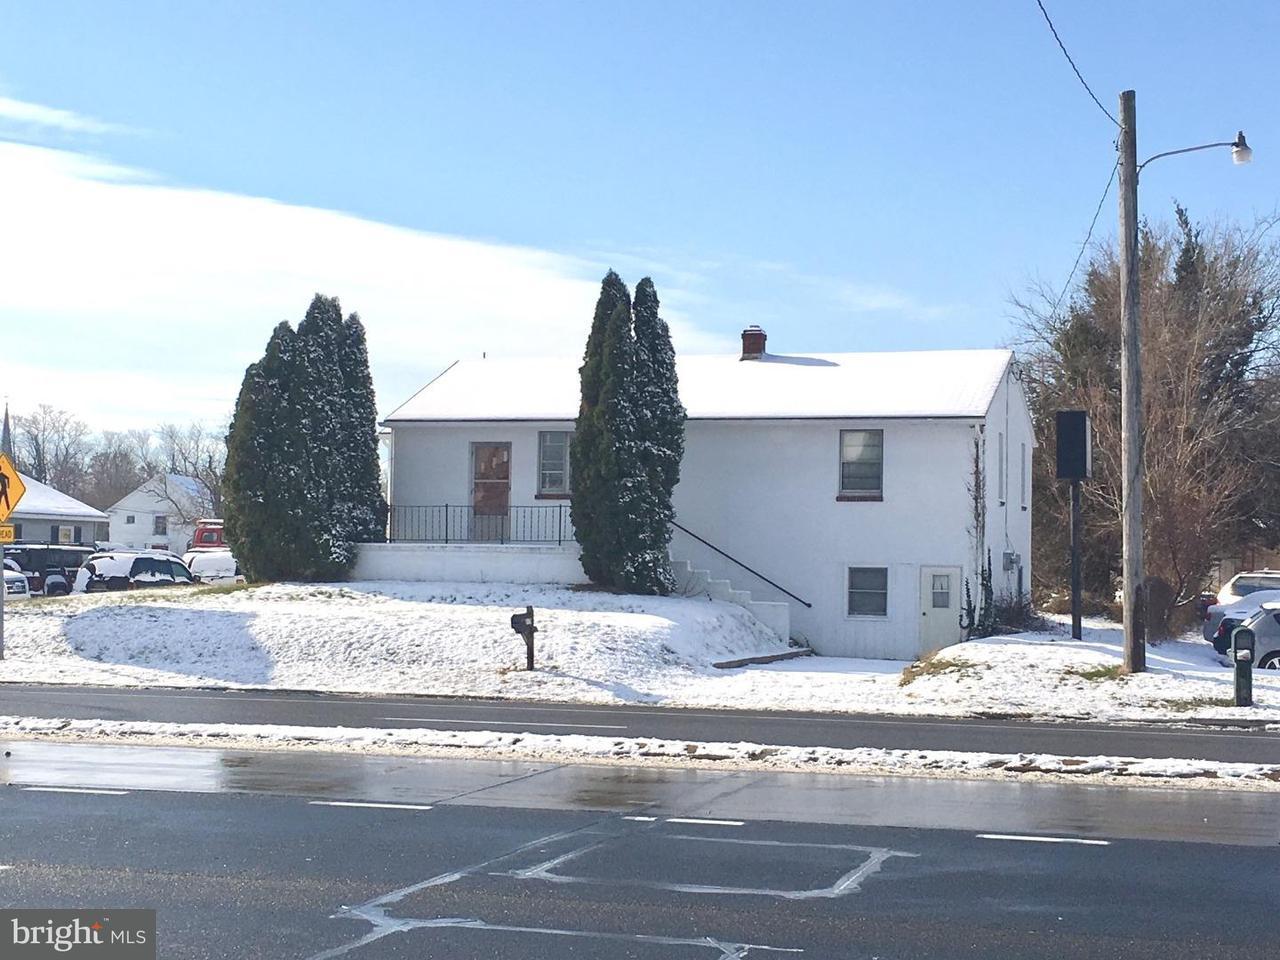 独户住宅 为 销售 在 217 N DUPONT BLVD Smyrna, 特拉华州 19977 美国